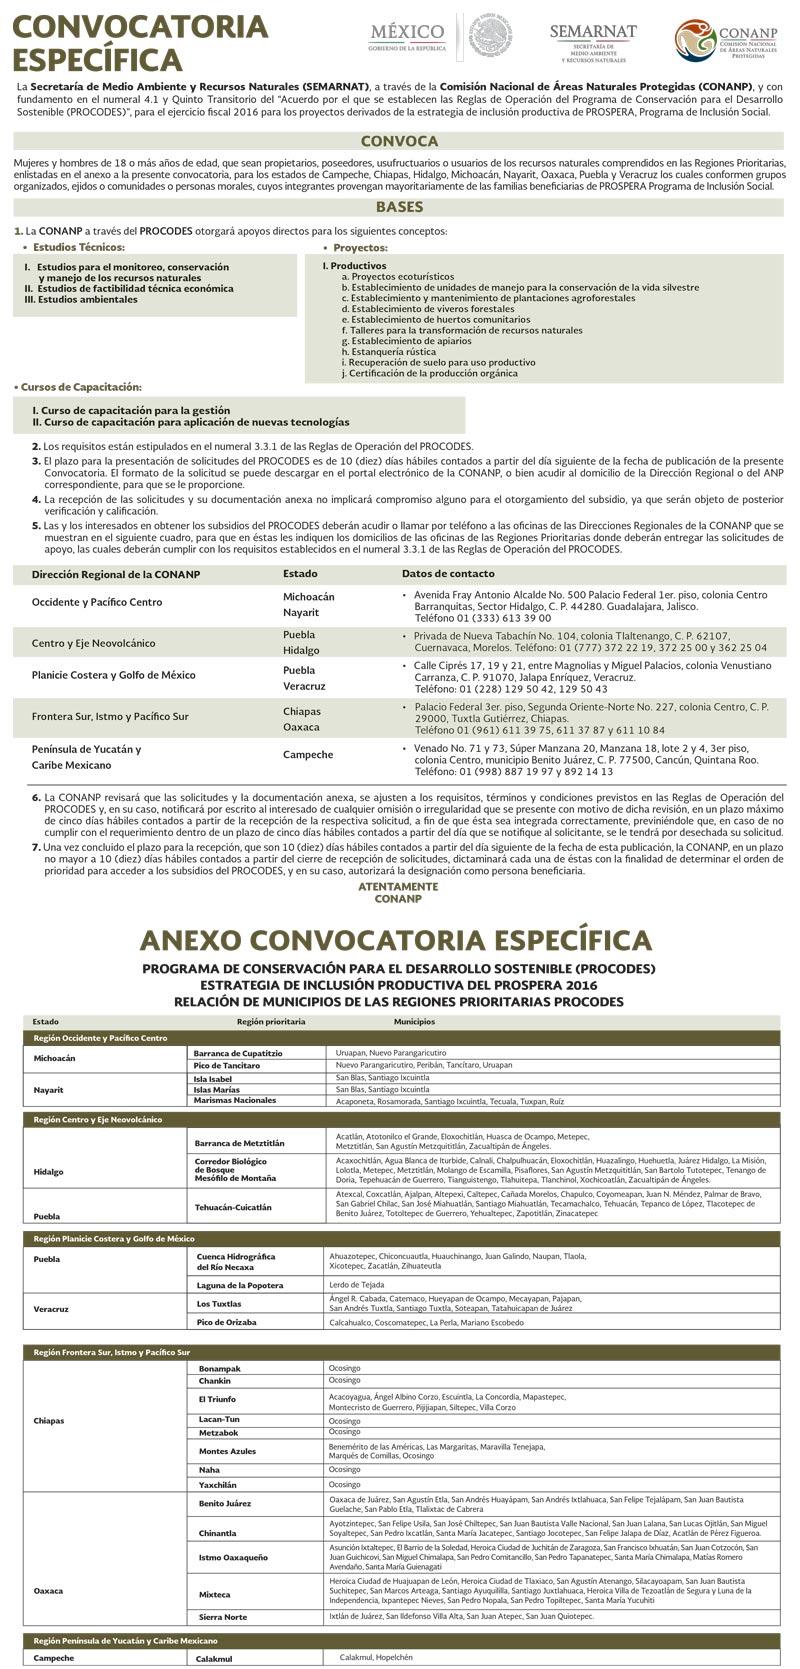 La CONANP a través del PROCODES otorgará apoyos directos